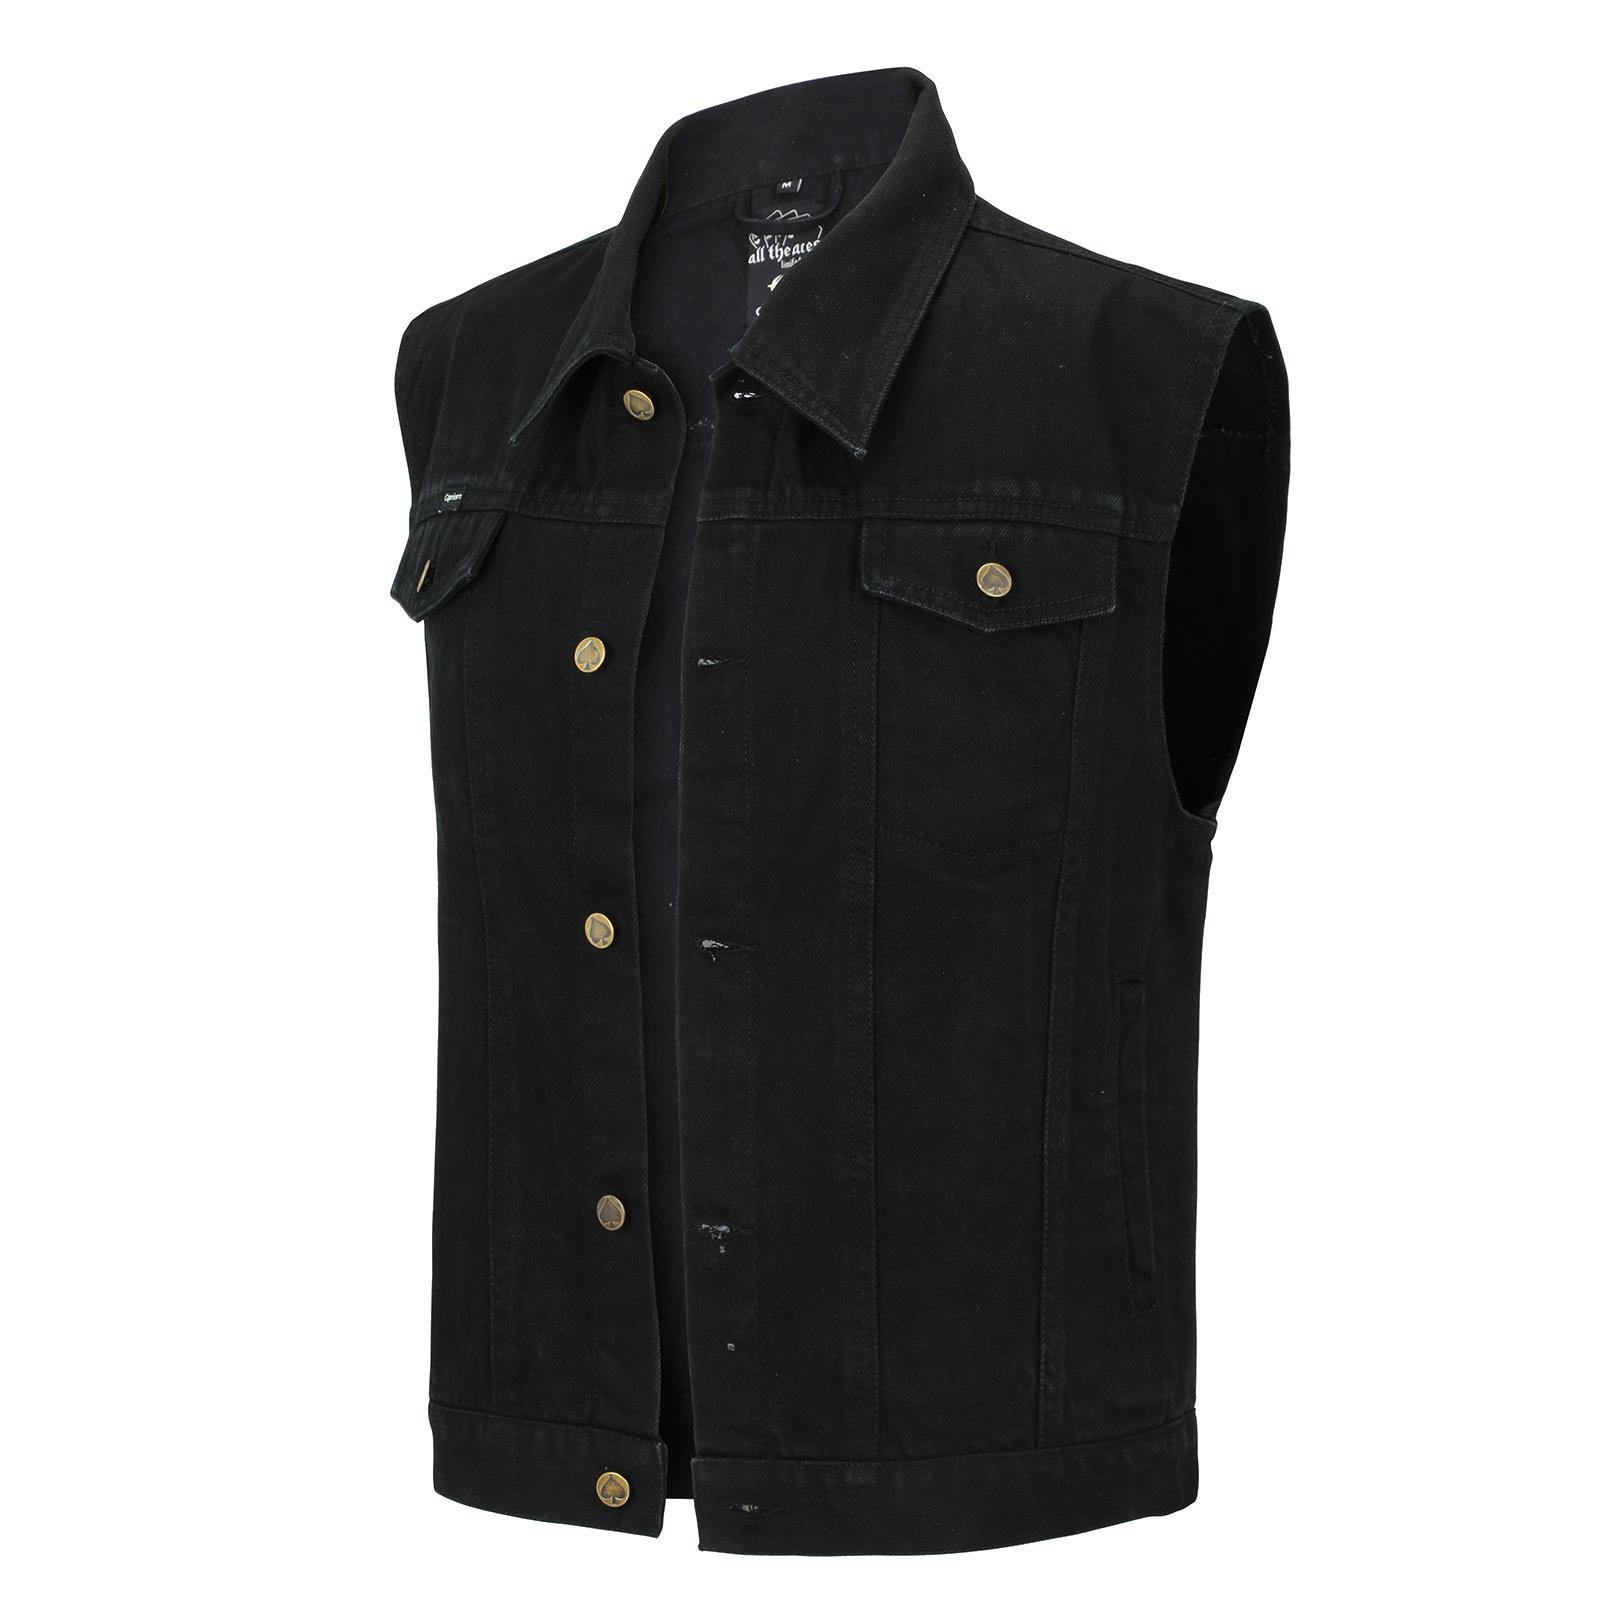 jeans weste schwarz capricorn rockwear online shop. Black Bedroom Furniture Sets. Home Design Ideas